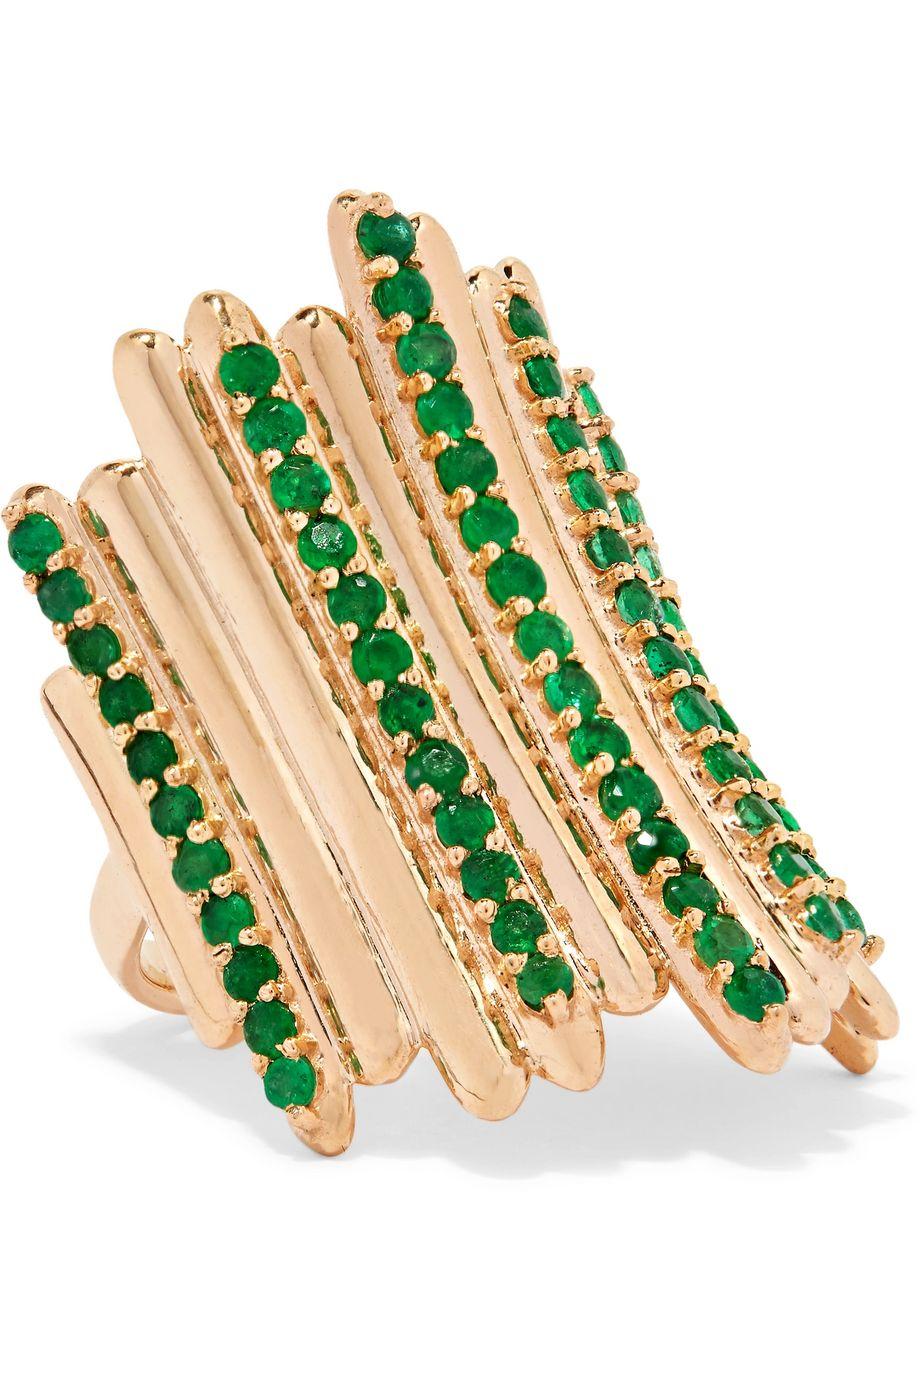 Ileana Makri Grass Fence Ring aus 18 Karat Gold mit Smaragden